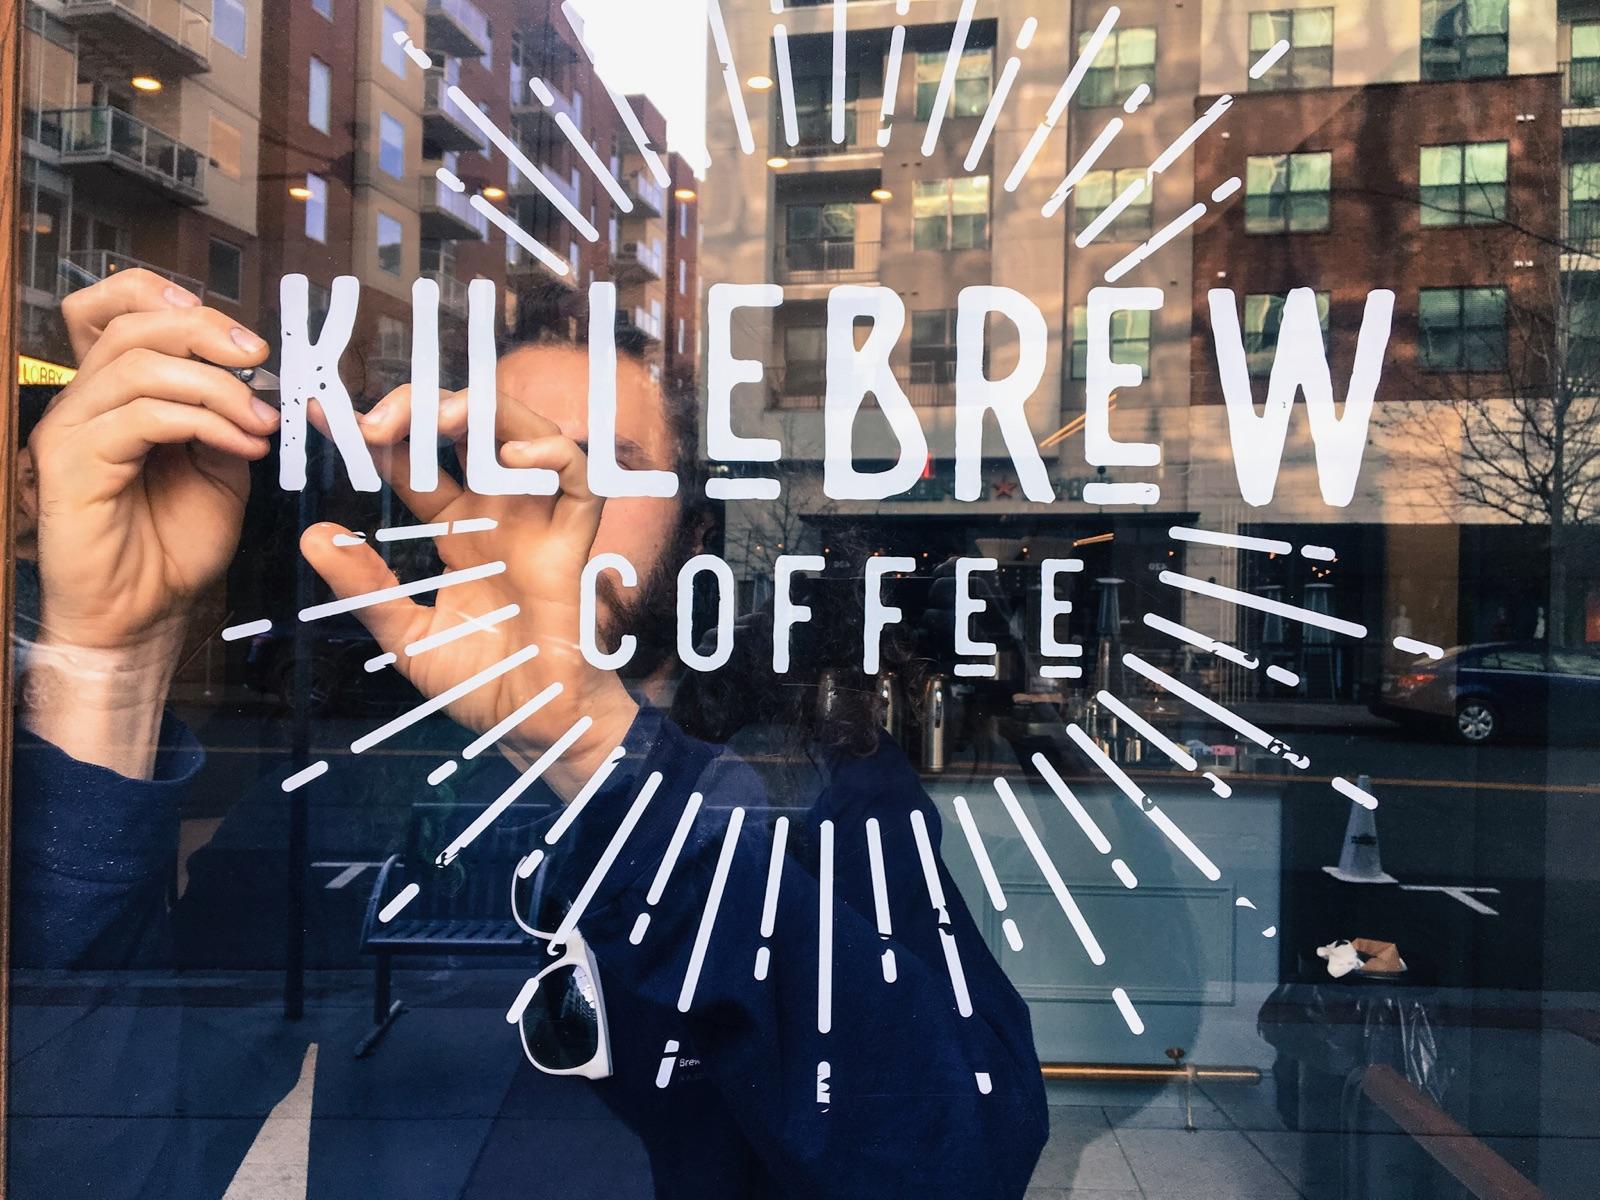 Killebrew Coffee